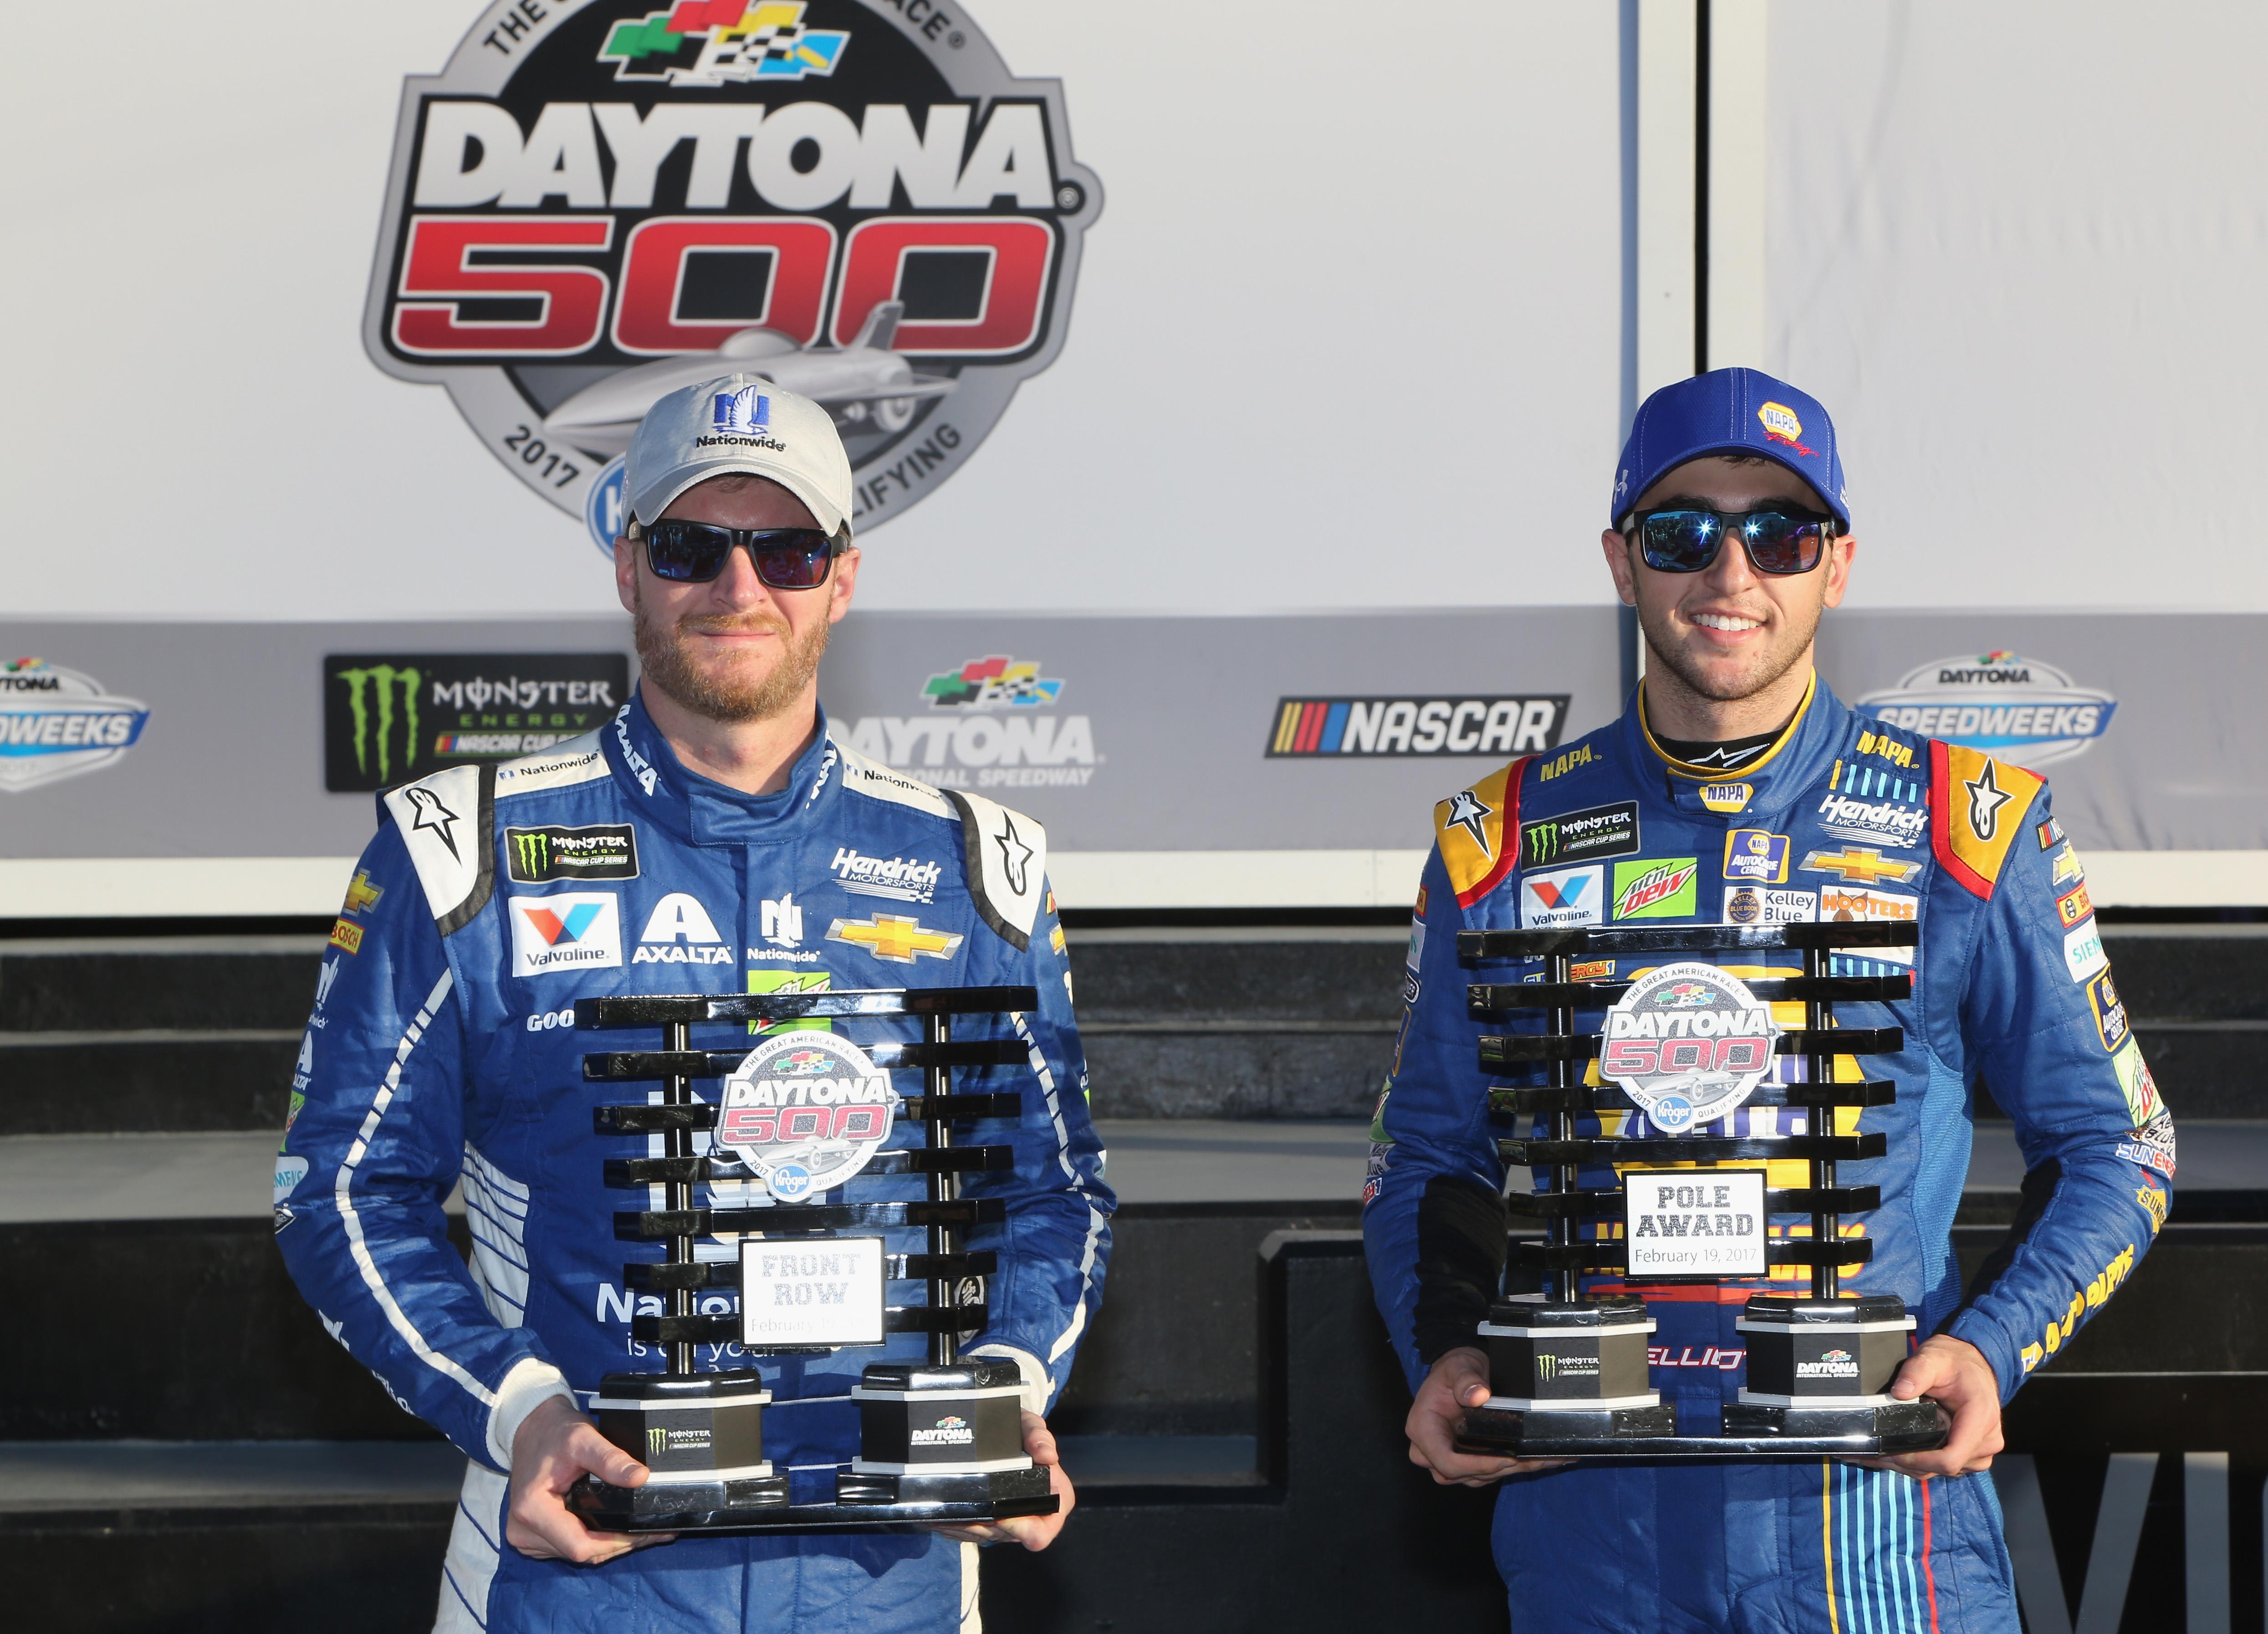 Dale-Earnhardt-Jr-Chase-Elliott-Daytona-500-front-row